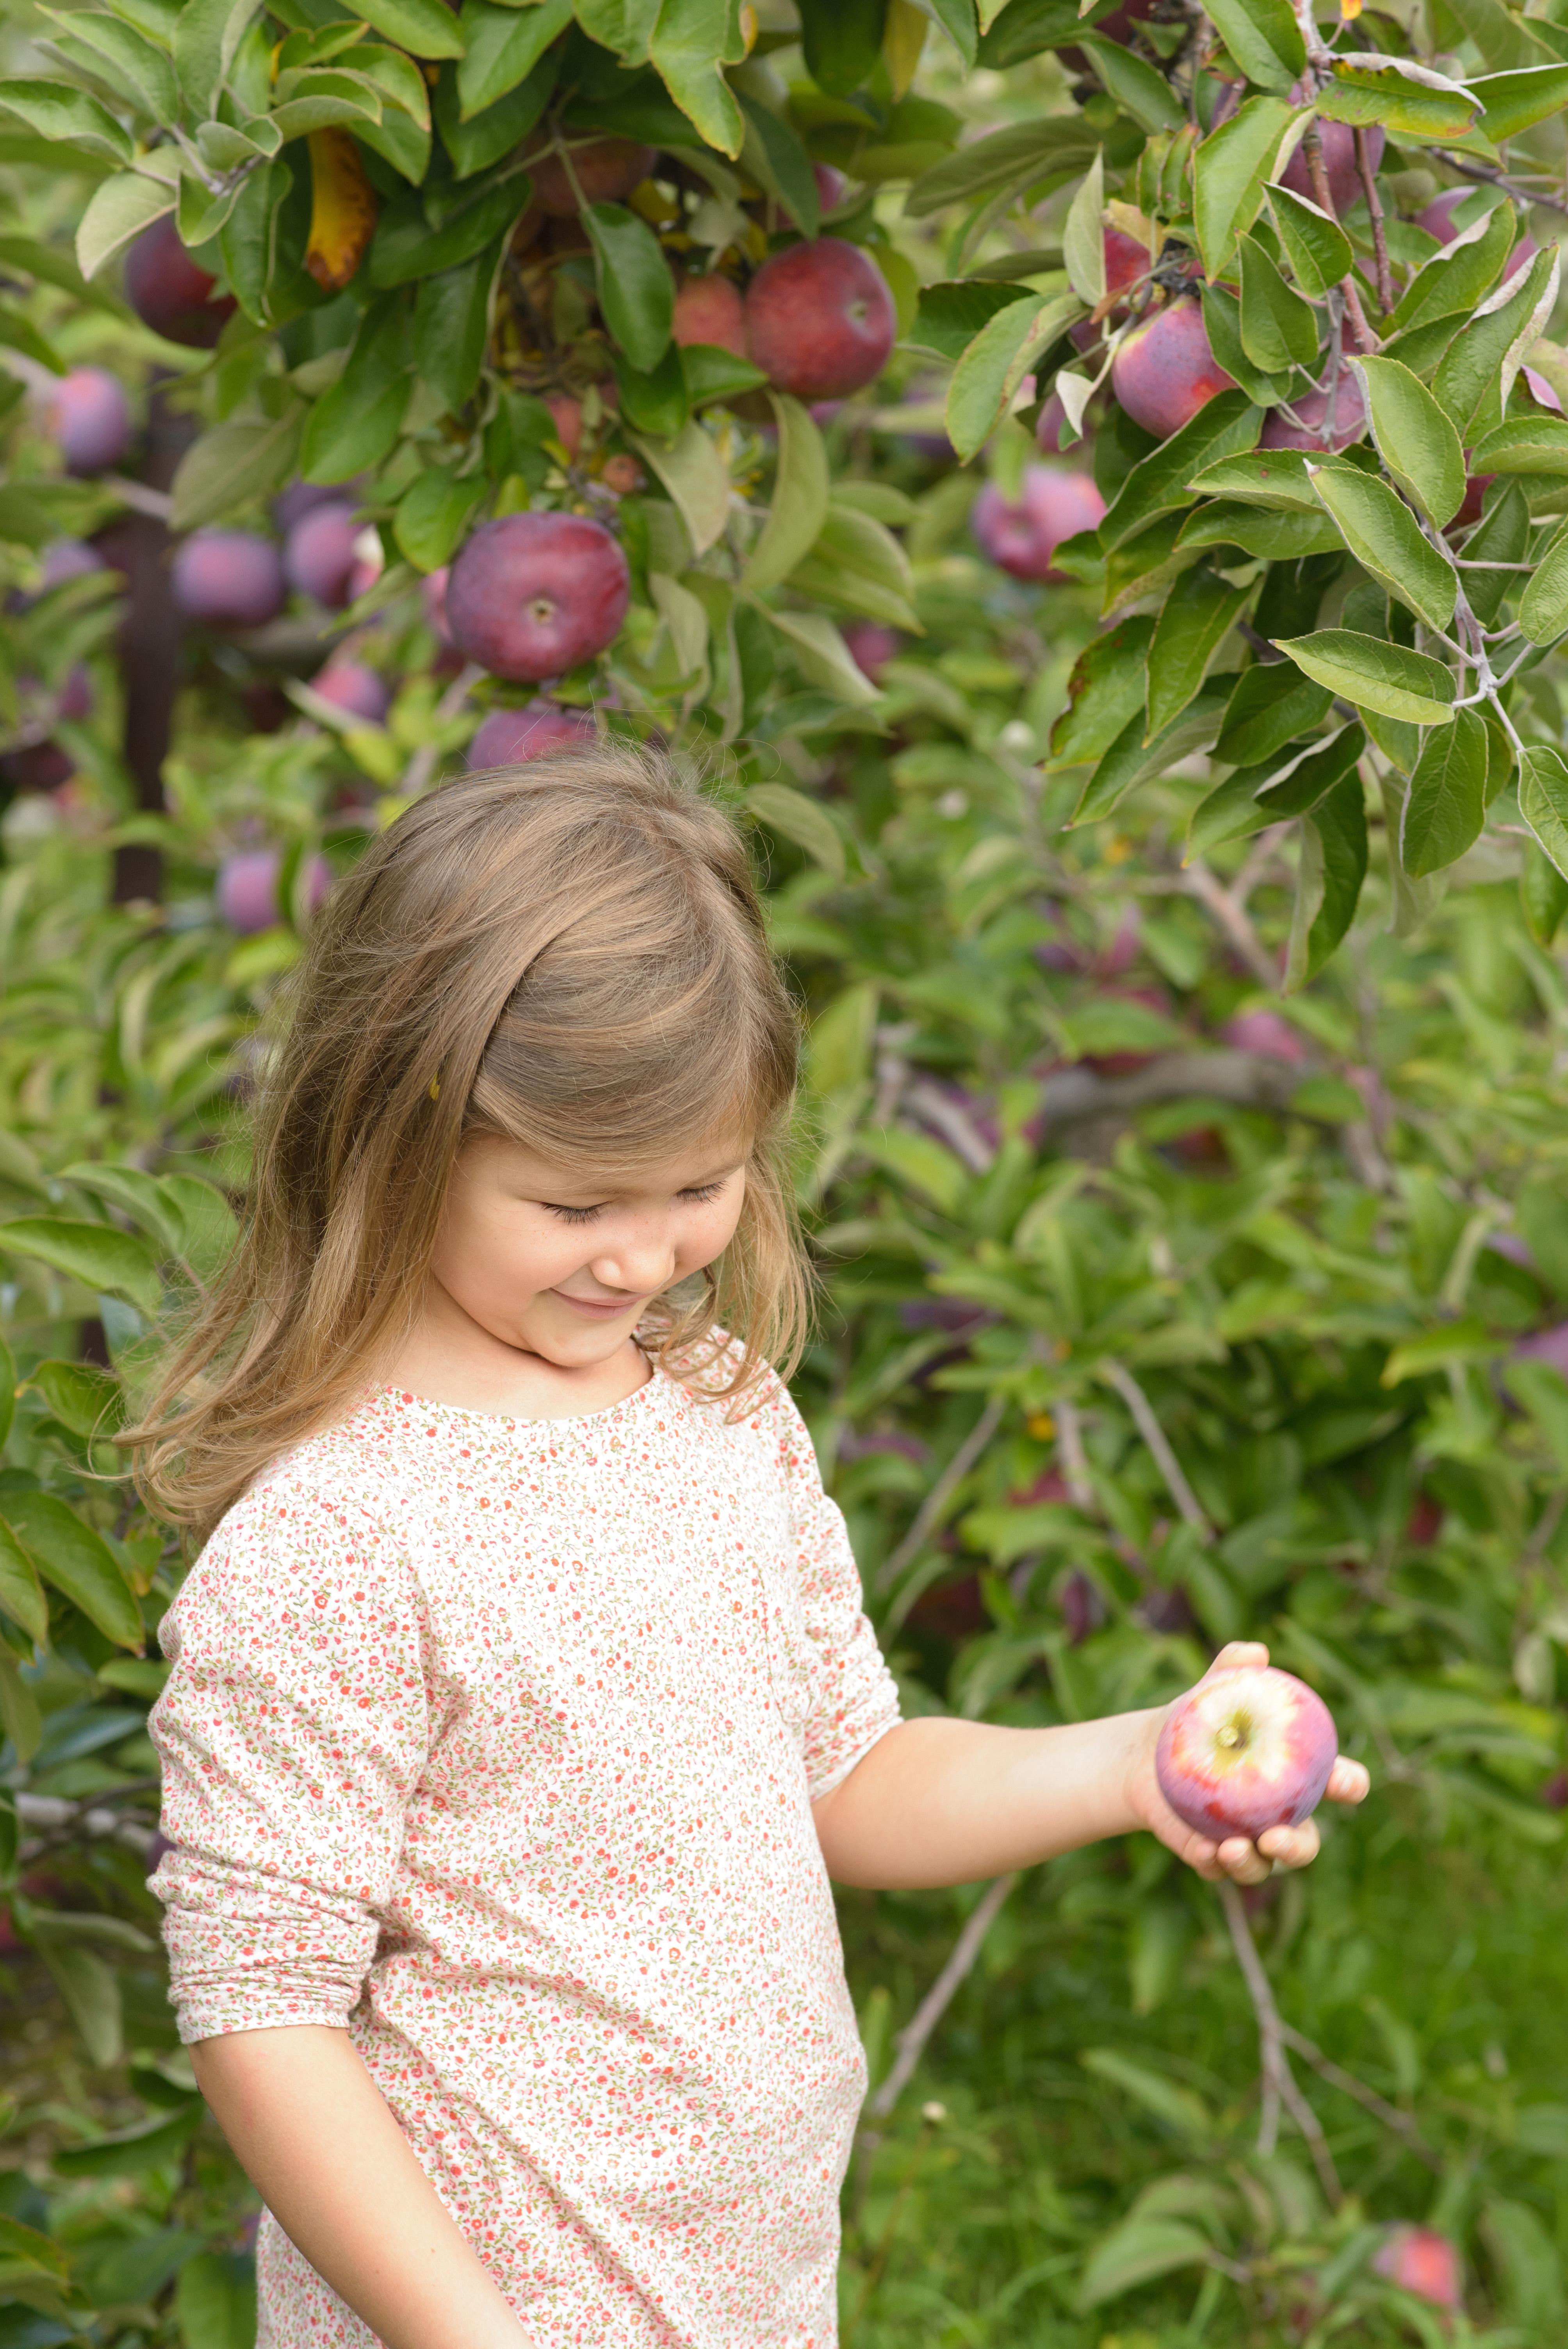 Josie picking an apple